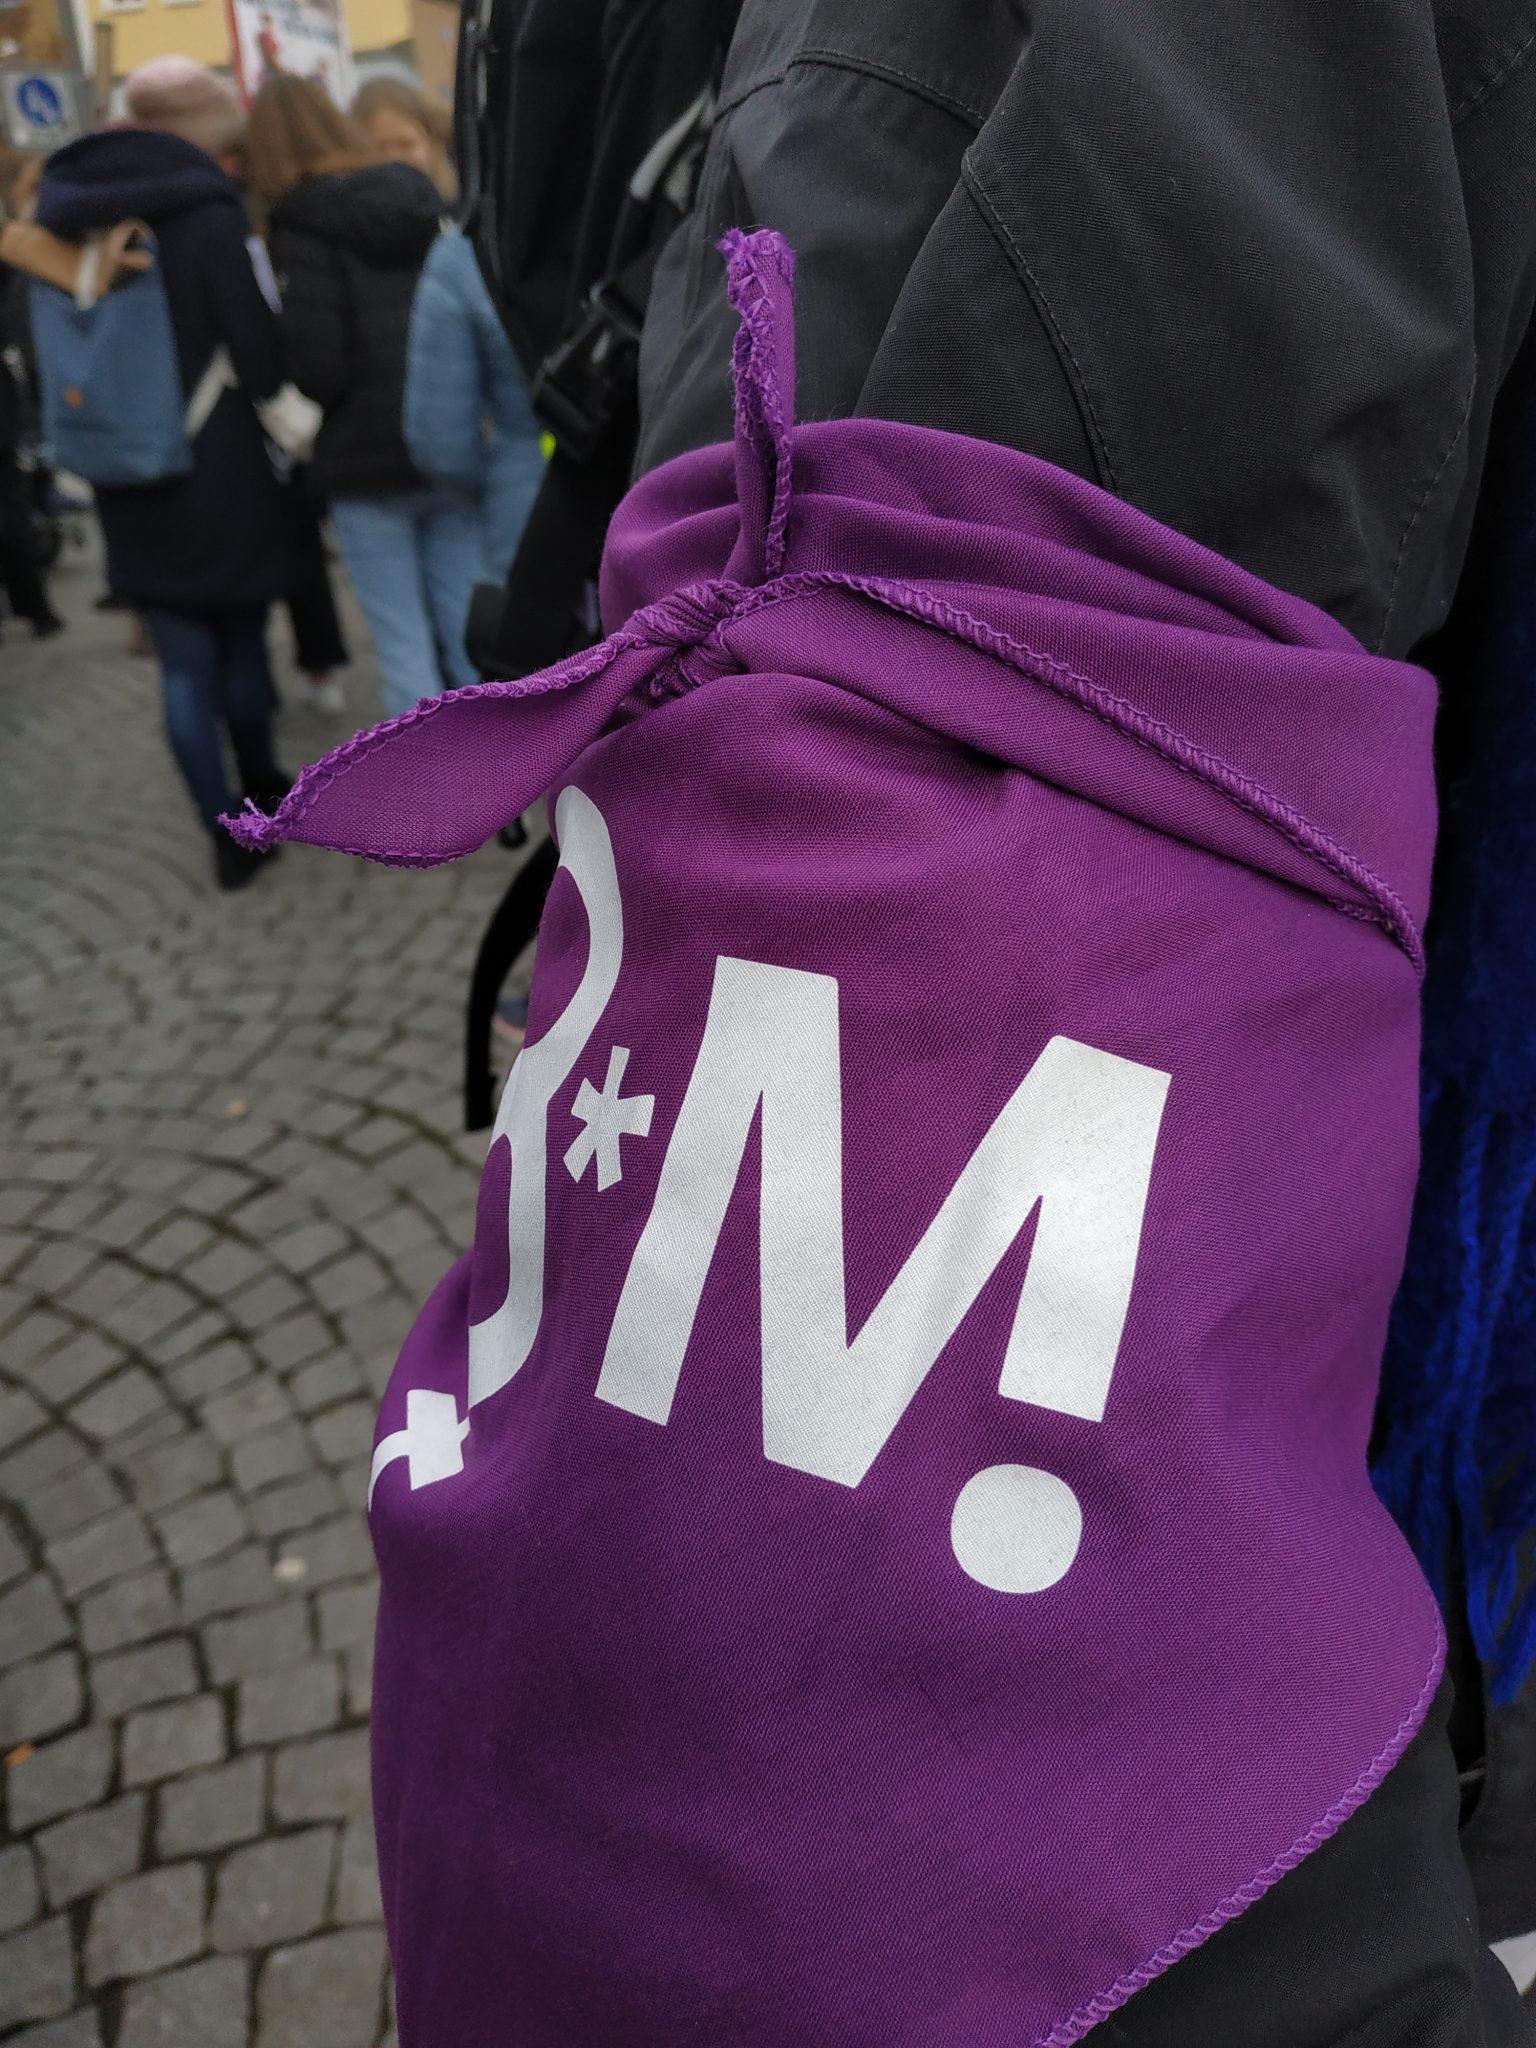 Reportage: Der kämpferische Frauen*tag in Jena